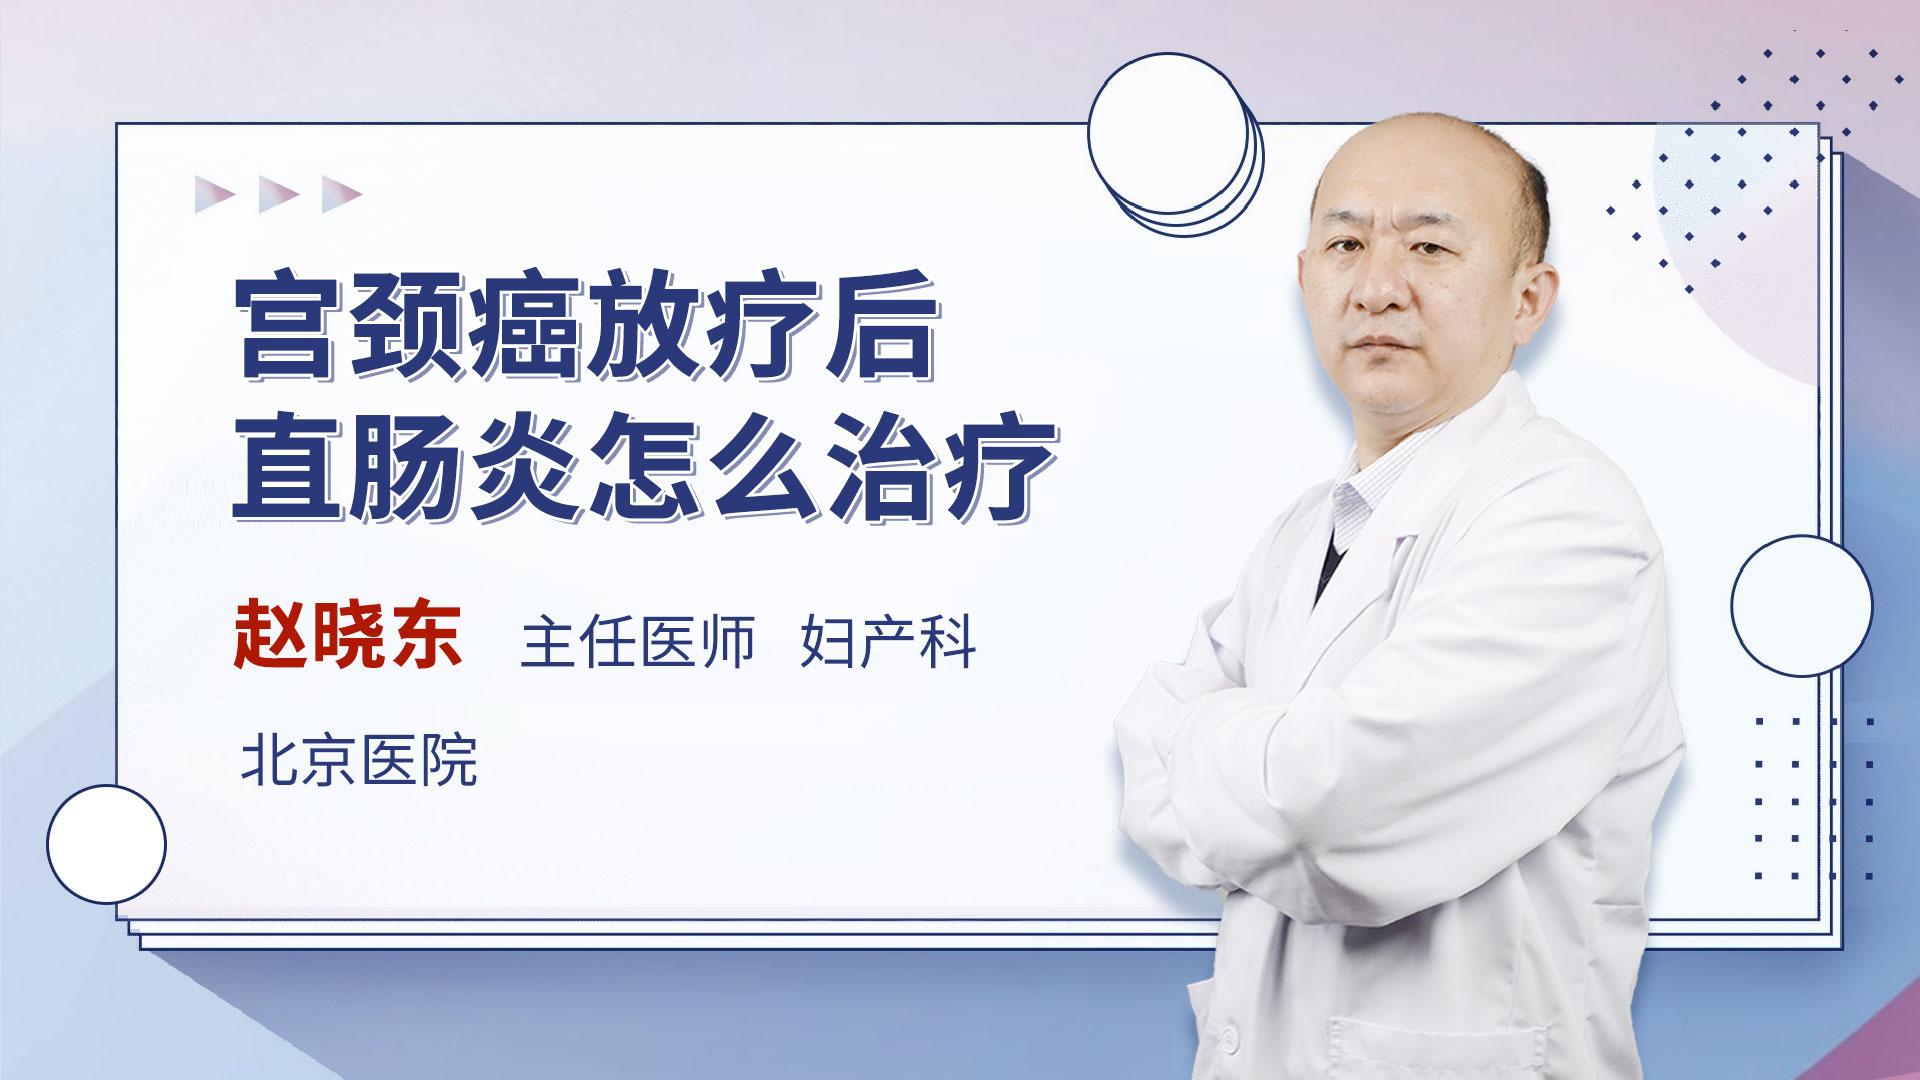 宫颈癌放疗后直肠炎怎么治疗